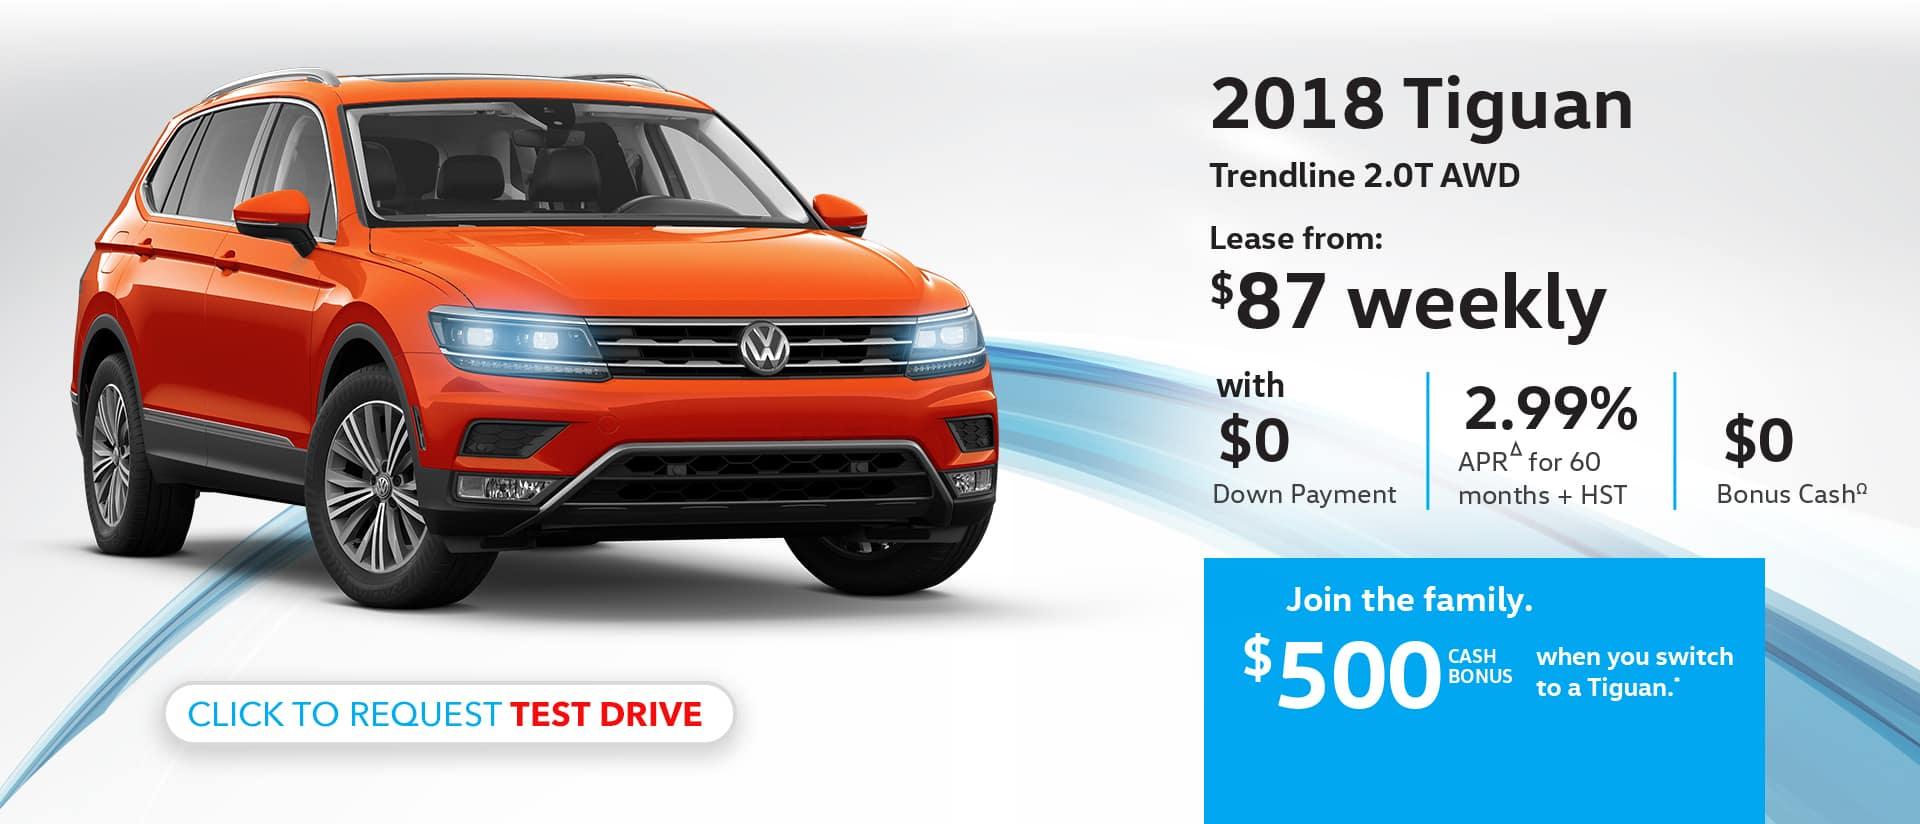 Maple Volkswagen 2018 Tiguan